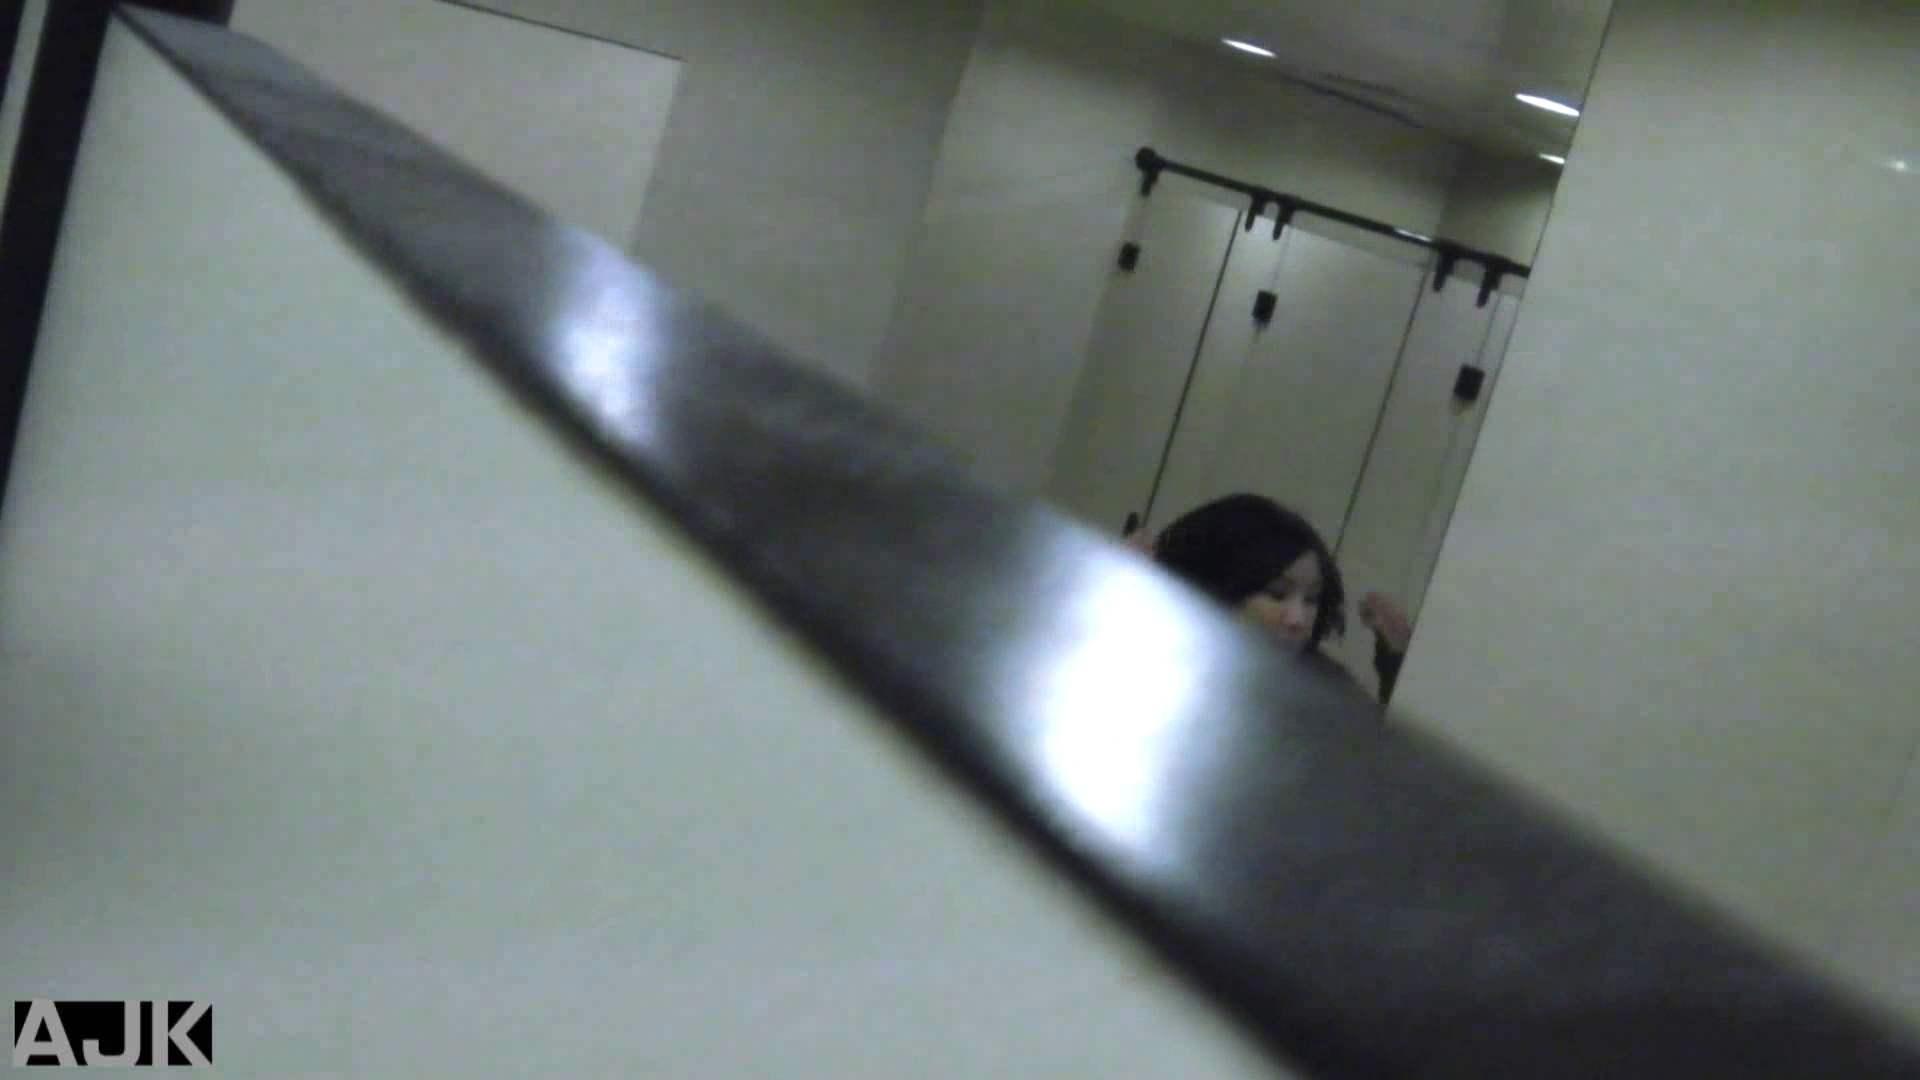 隣国上階級エリアの令嬢たちが集うデパートお手洗い Vol.01 OLの実態 | 丸見え  42pic 1